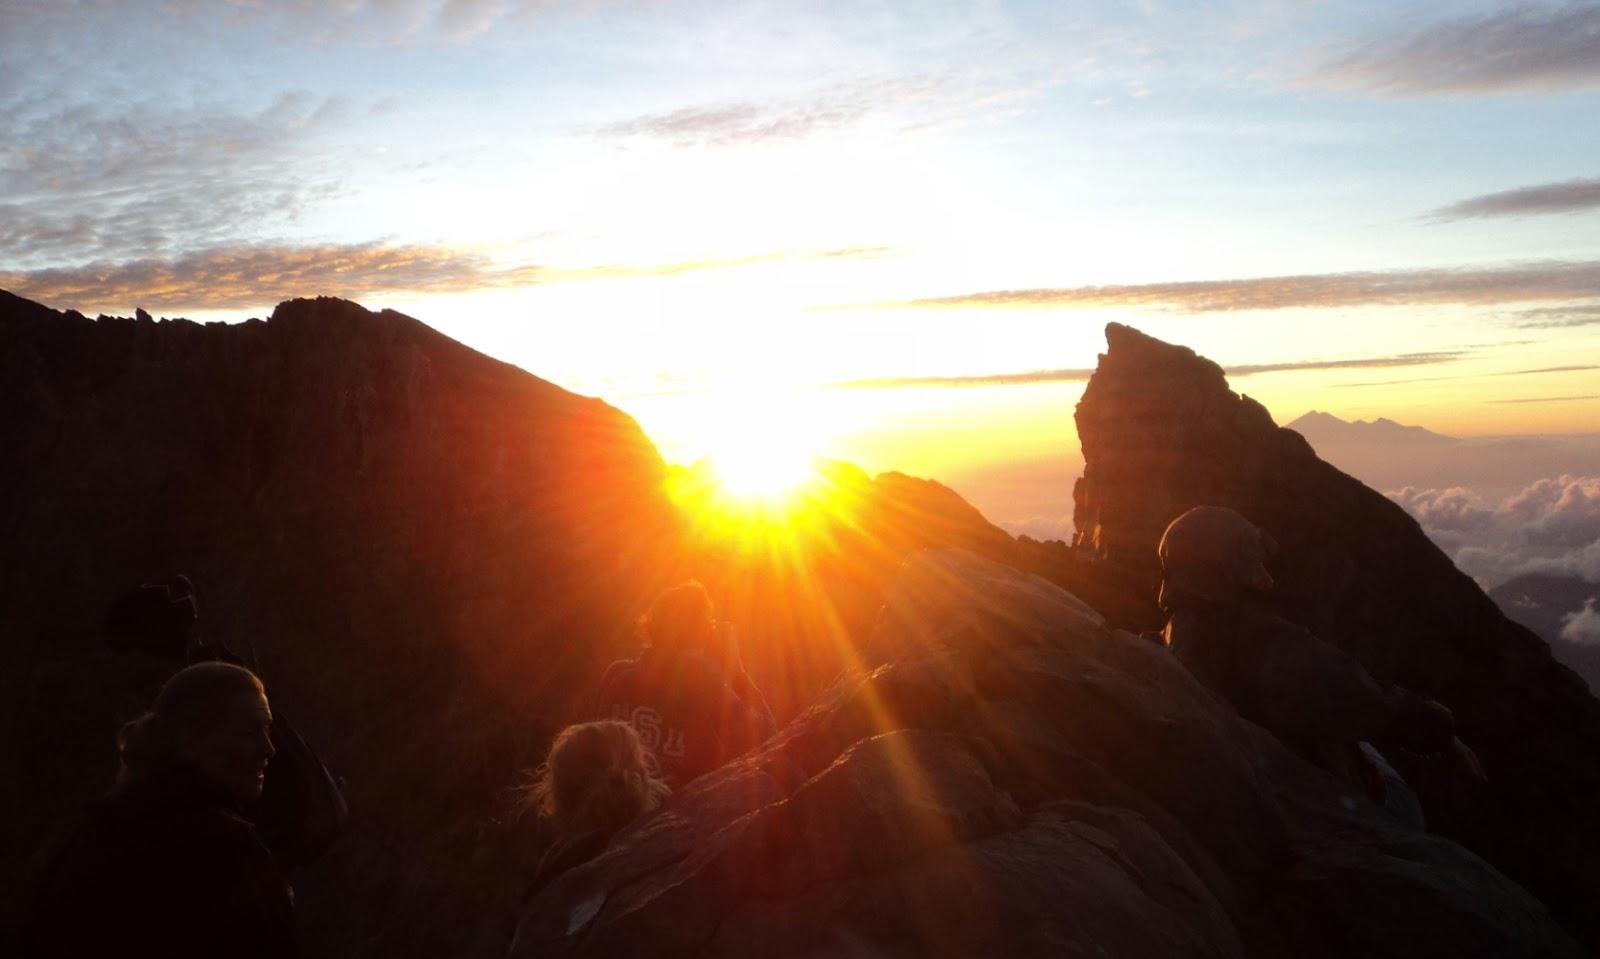 lokasi terbaik memotret matahari terbit - gunung agung